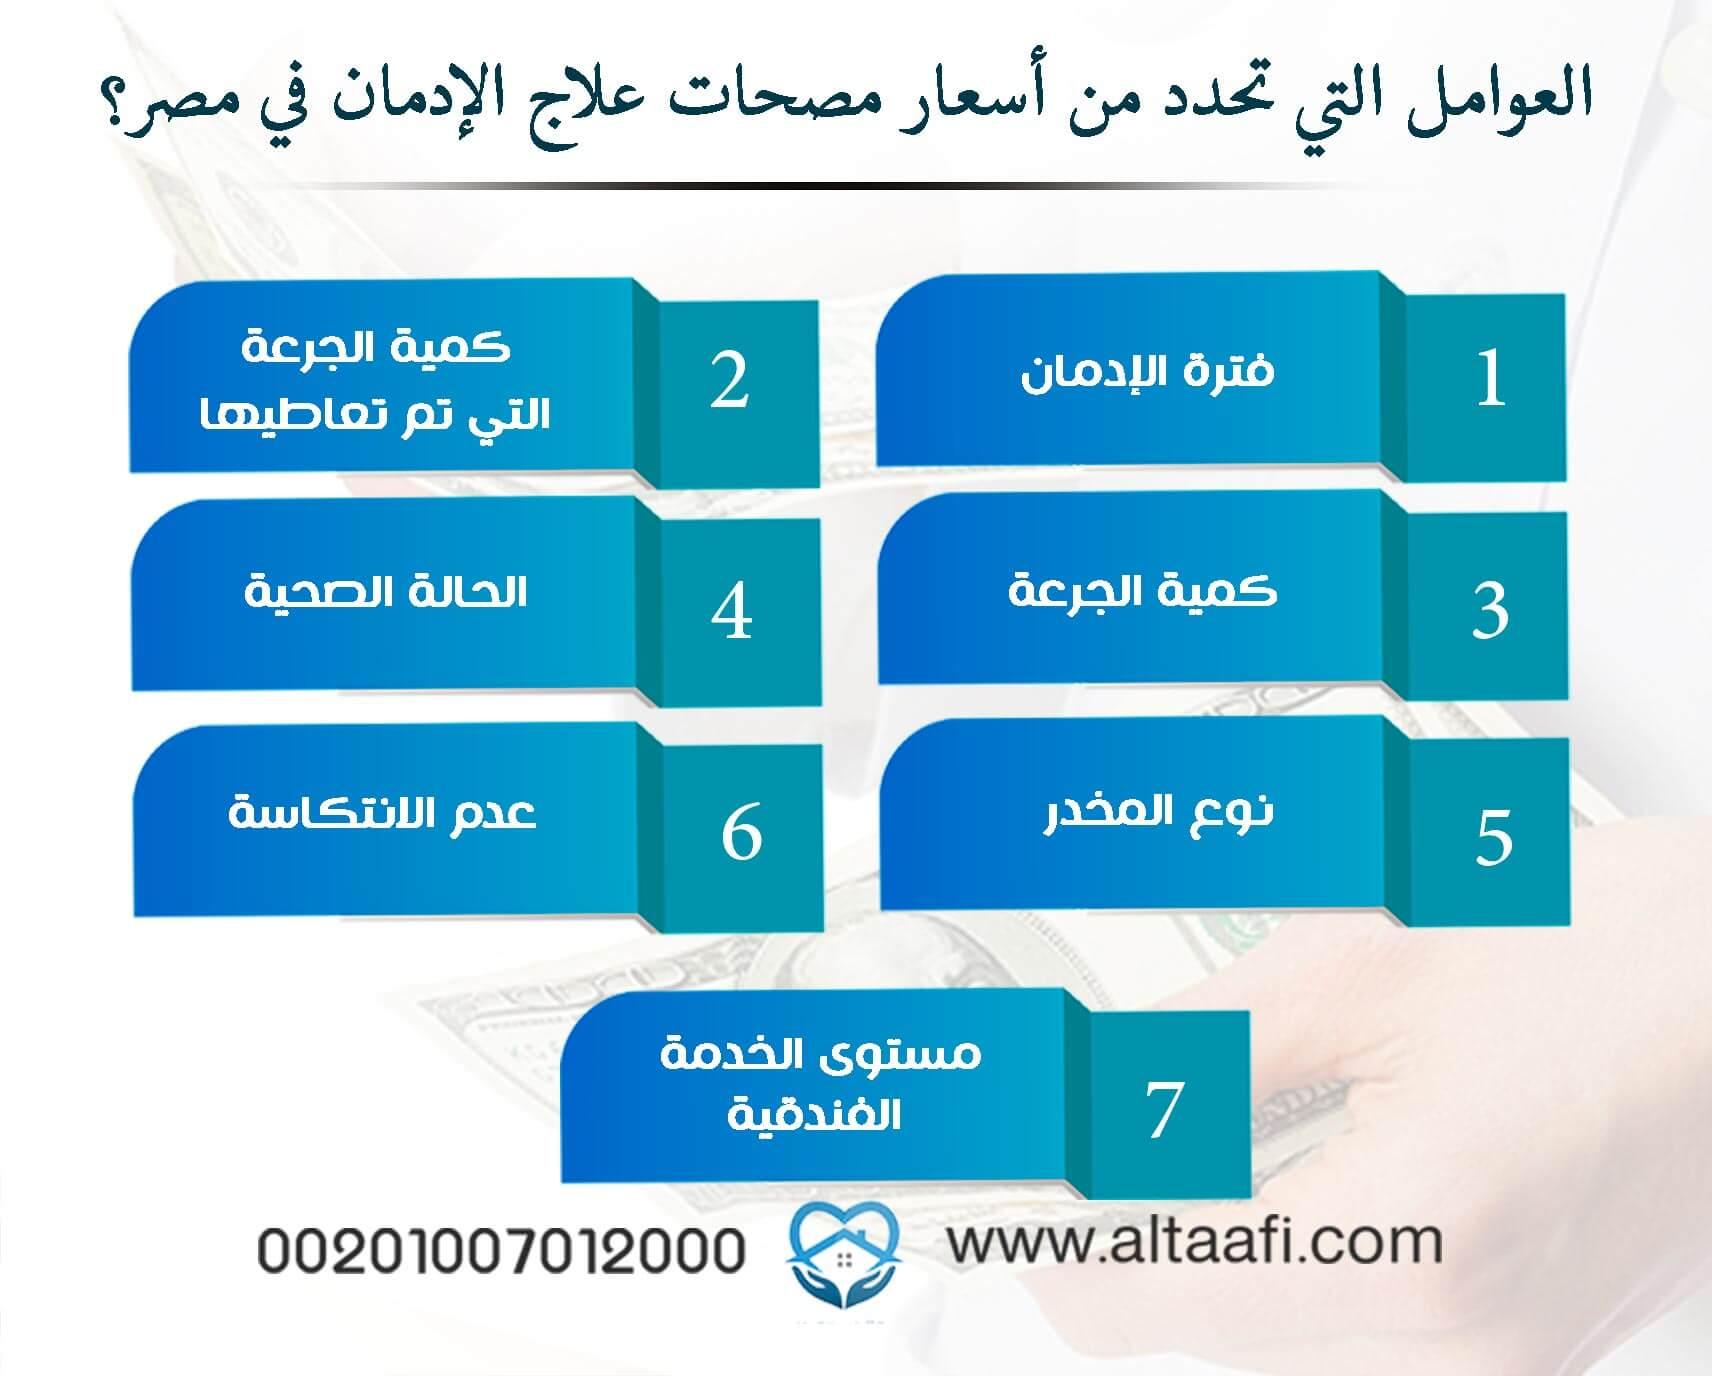 أسعار مصحات علاج الإدمان في مصر